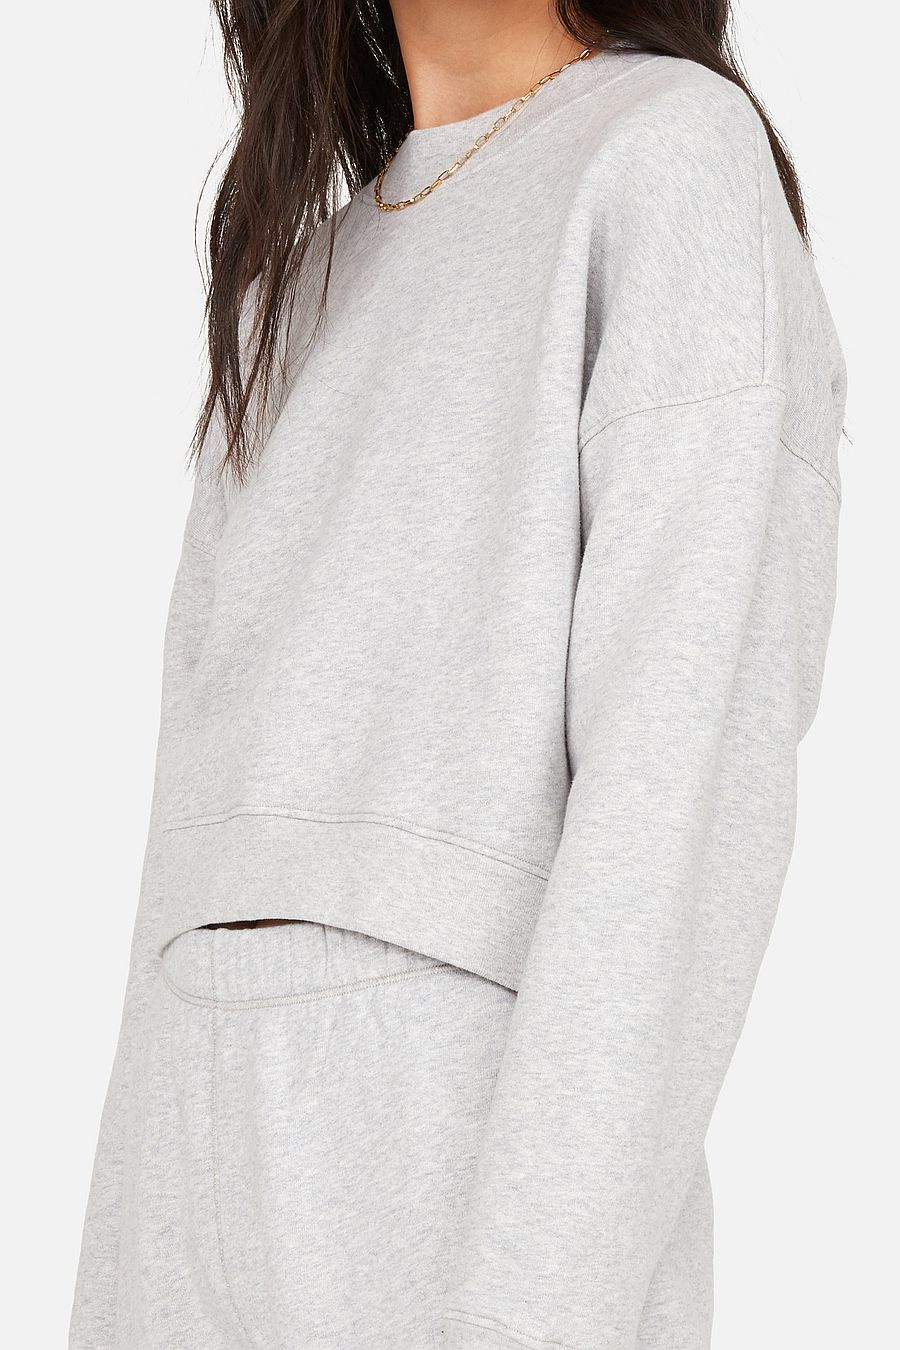 MATE The Label Fleece Crop Sweatshirt - HEATHER GREY